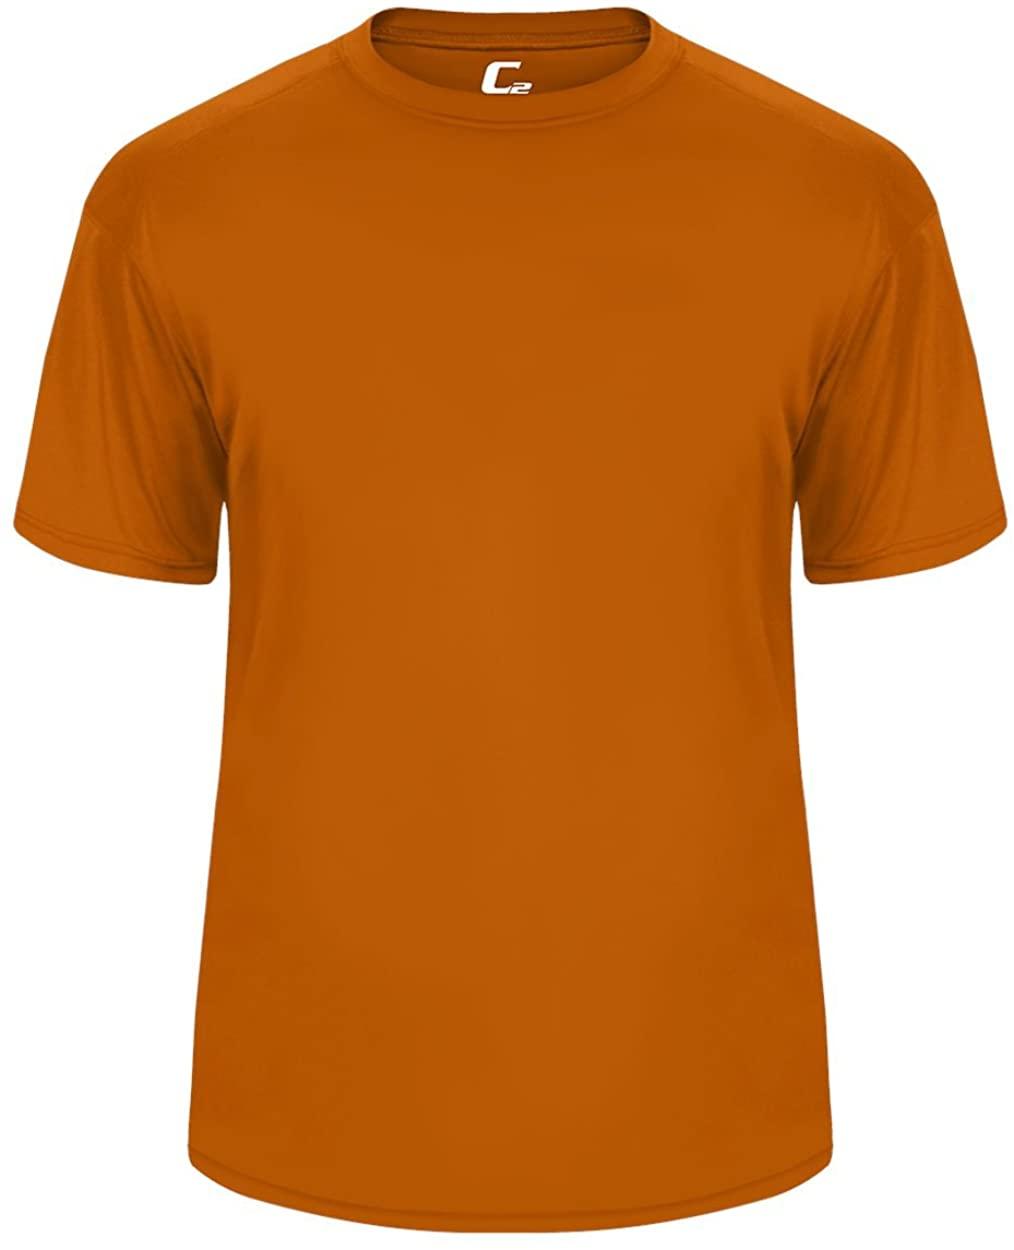 Orange Youth Medium Short Sleeve Performance Wicking Athletic Sports Shirt/Undershirt/Jersey